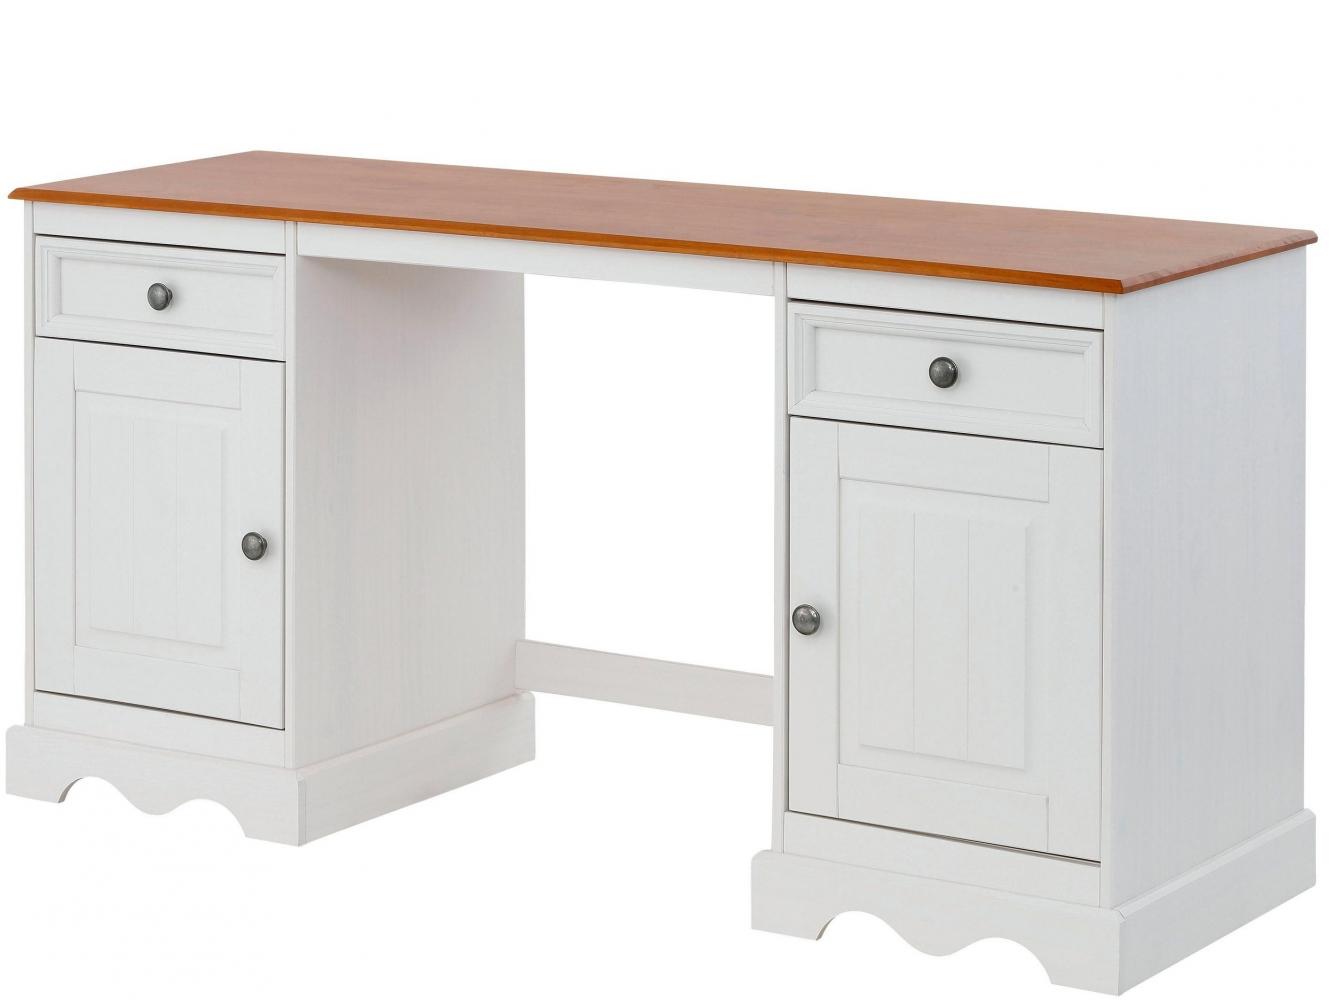 Pracovní stůl Meliss, 160 cm, bílá / borovice